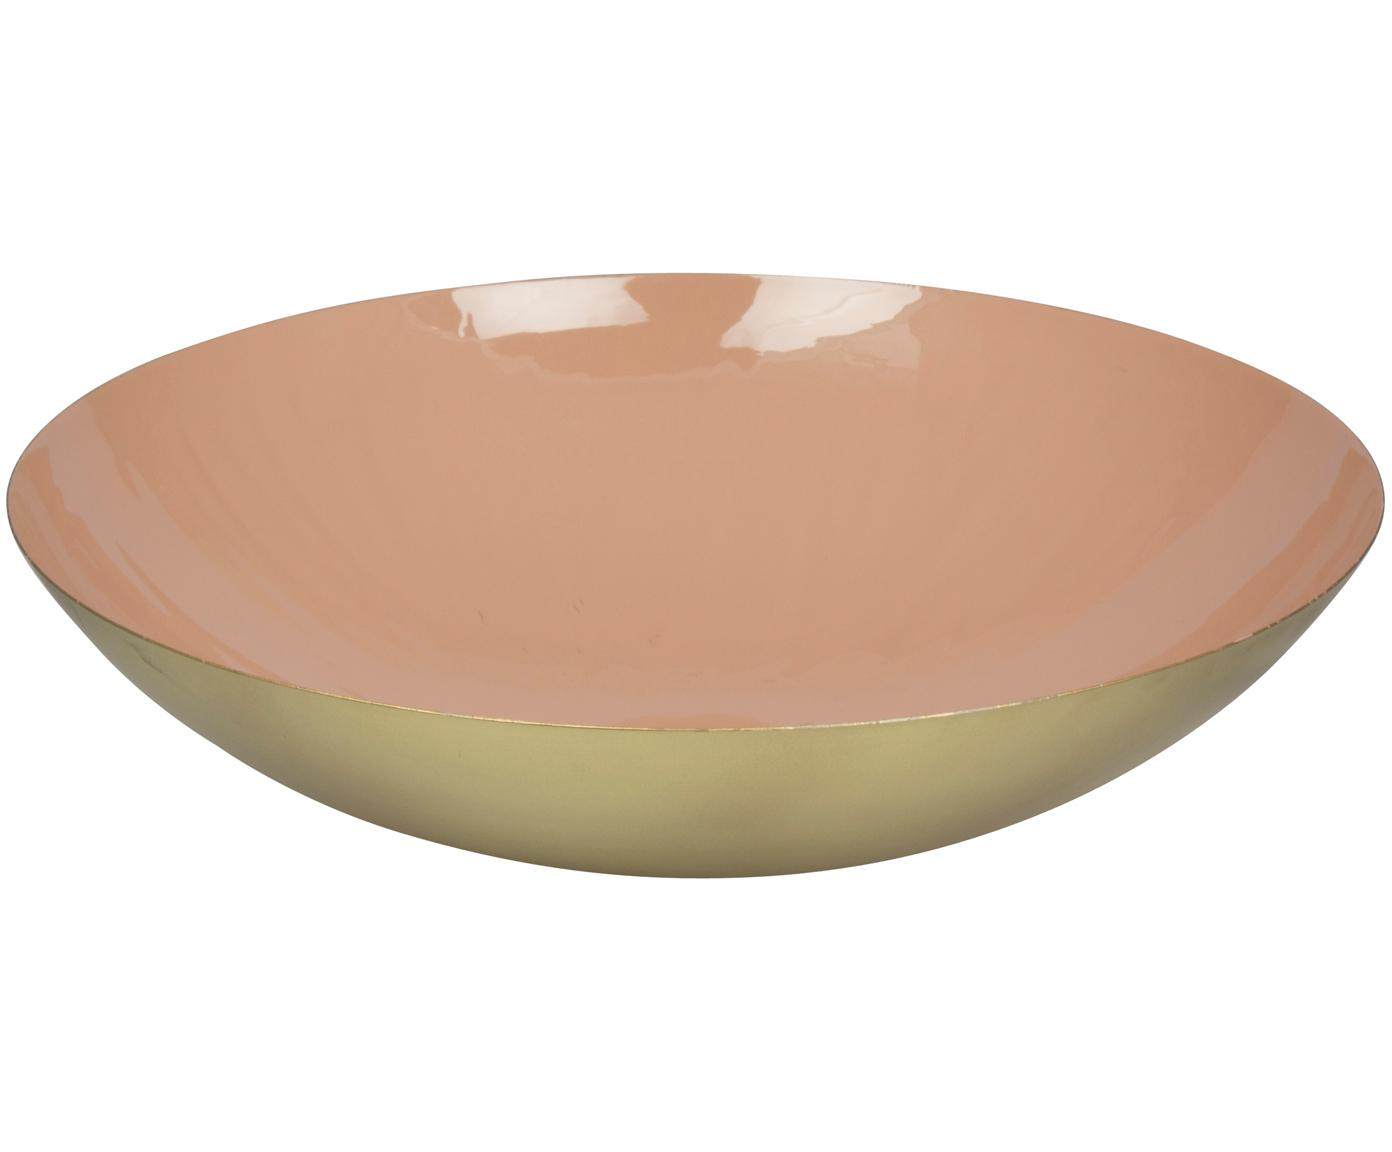 Ciotola Julienne, Metallo rivestito, Interno: rosa esterno: dorato, Ø 34 x Alt. 9 cm